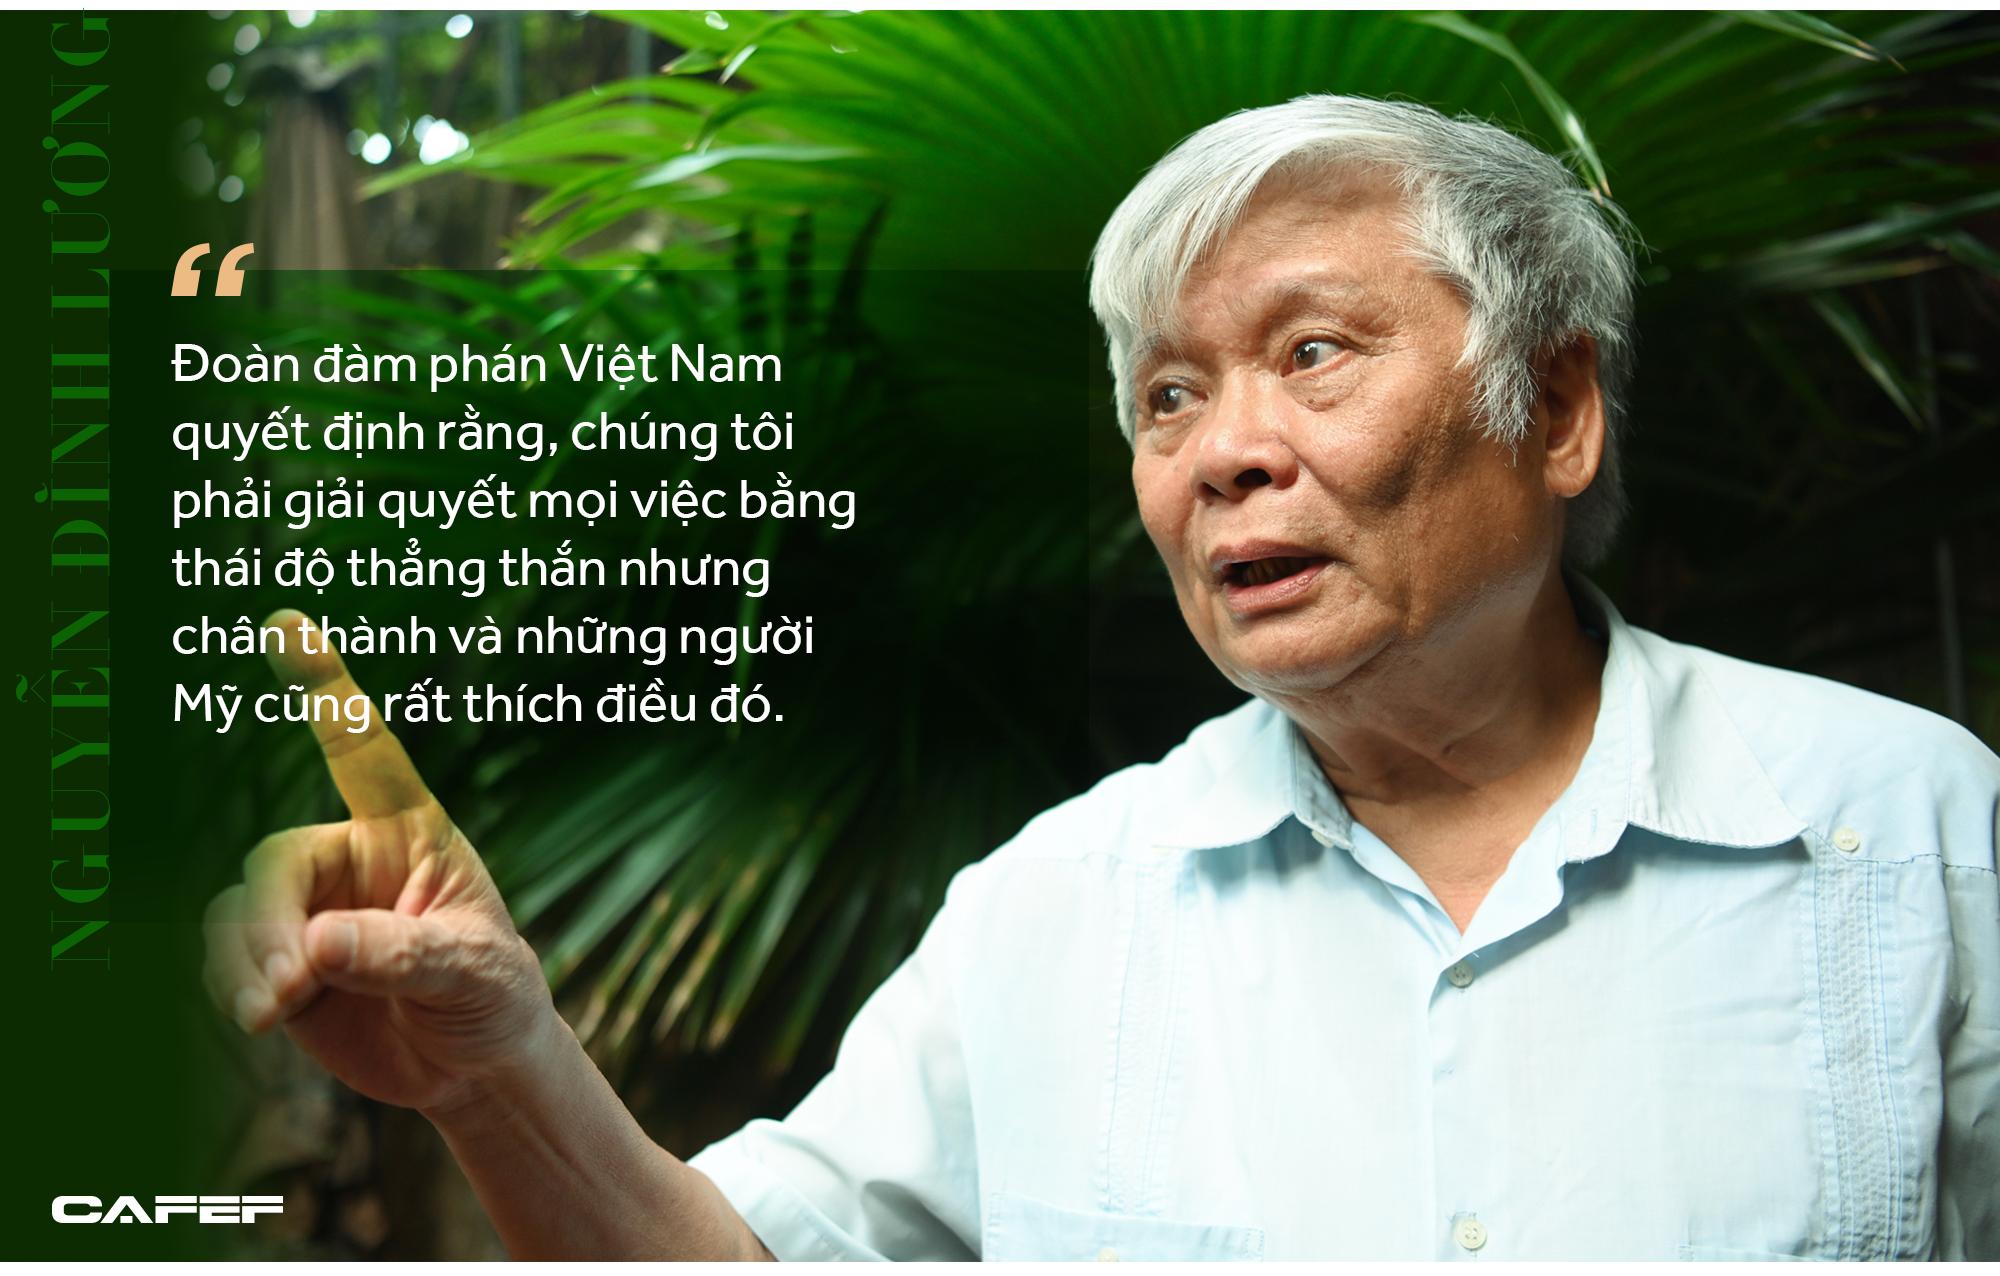 Người đàm phán Hiệp định Việt Mỹ với triết lý thợ cày và mẹt hoa quả vỉa hè khắc họa bức tranh cuộc đời - Ảnh 10.